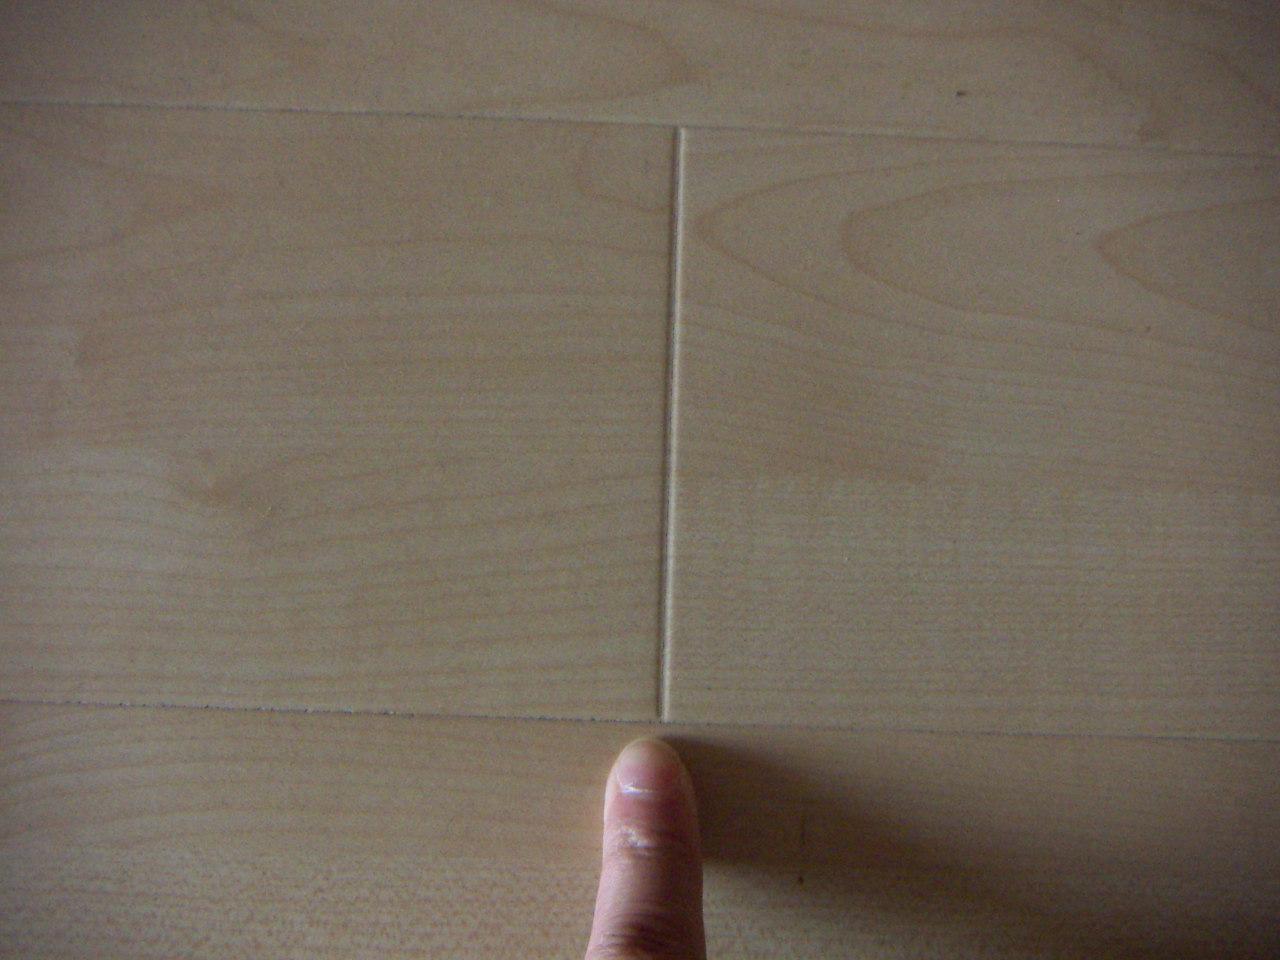 因技术工艺的不同分为倒角v型地板和模压v型